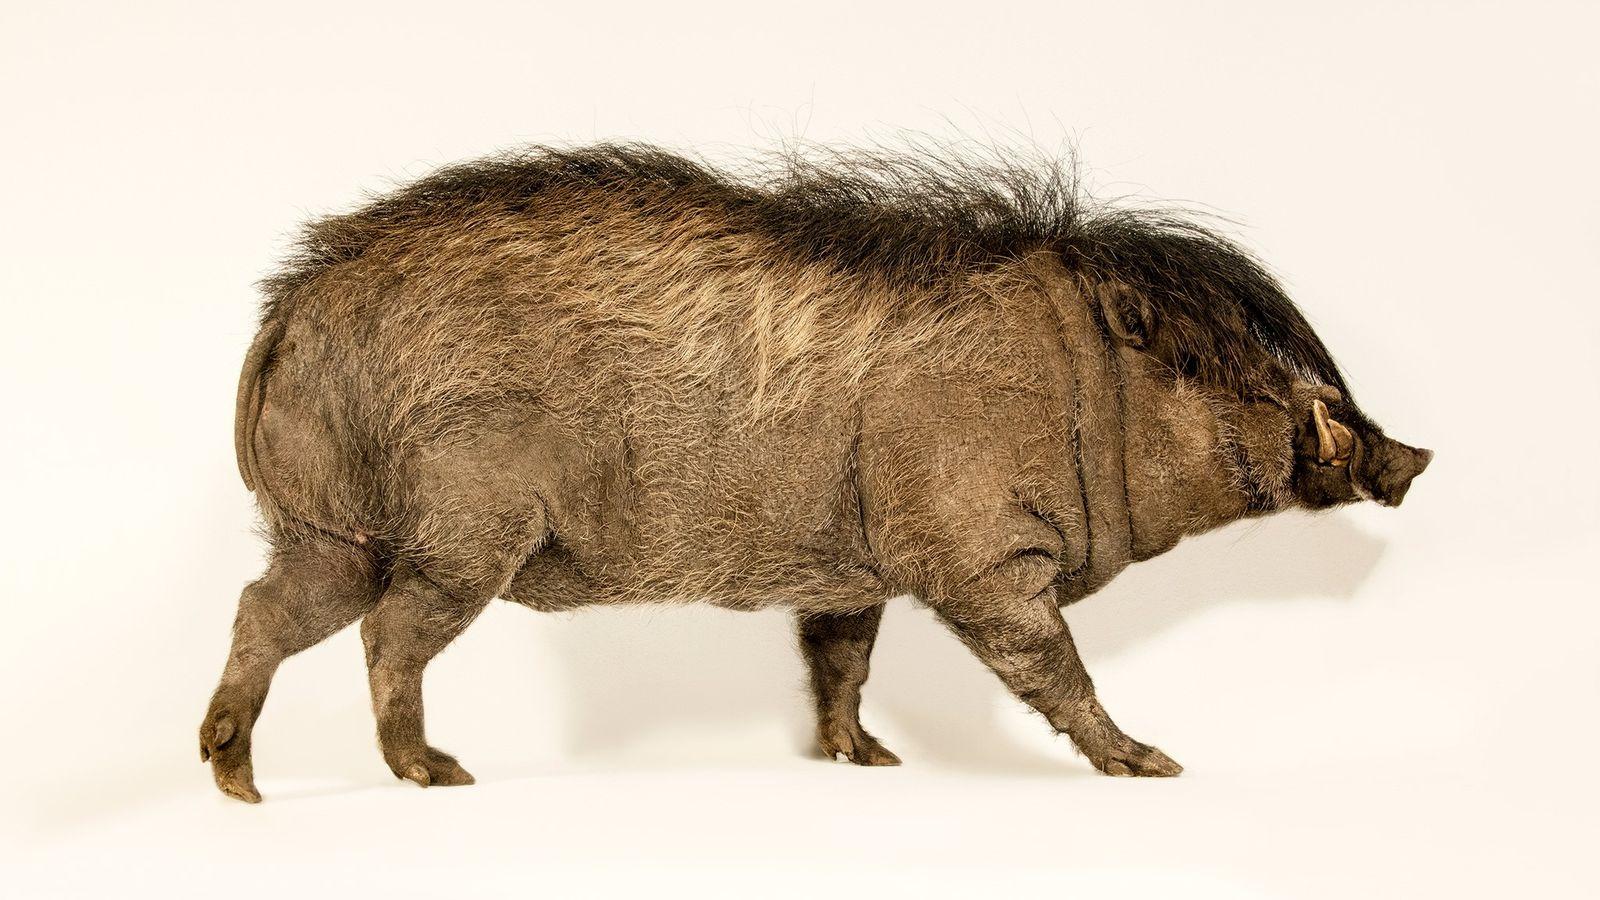 Jedes Jahr wächst männlichen Visayas-Pustelschweinen eine zottelige Mähne, die Weibchen einfach unwiderstehlich finden.